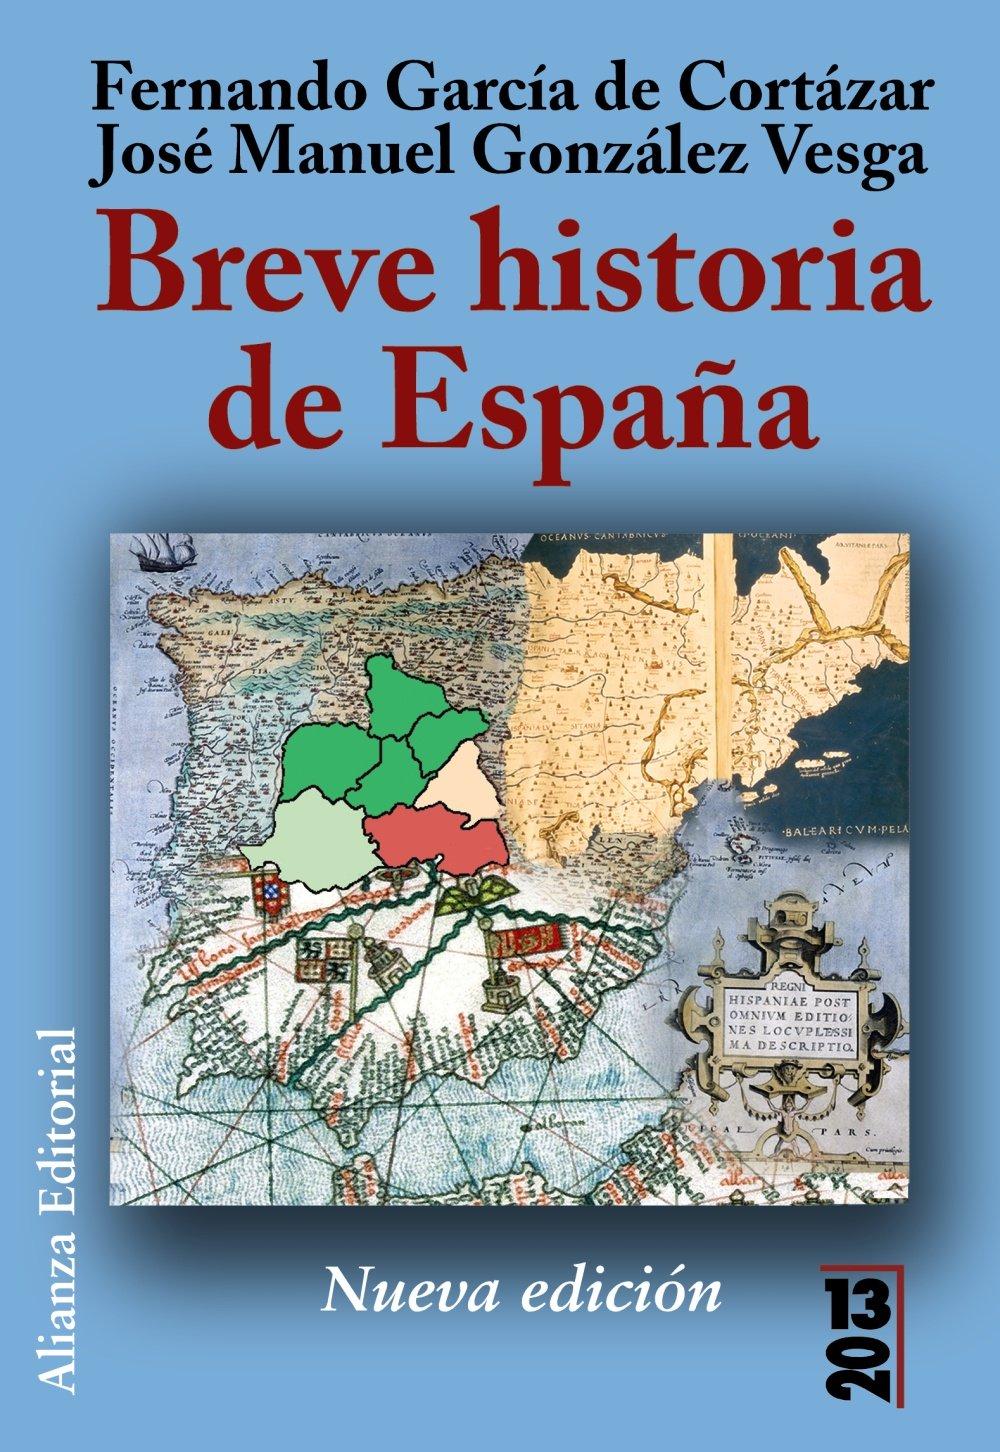 Breve historia de España (13/20): Amazon.es: García de Cortazar, Fernando^Gonzalez Vesga, Jose Manuel: Libros